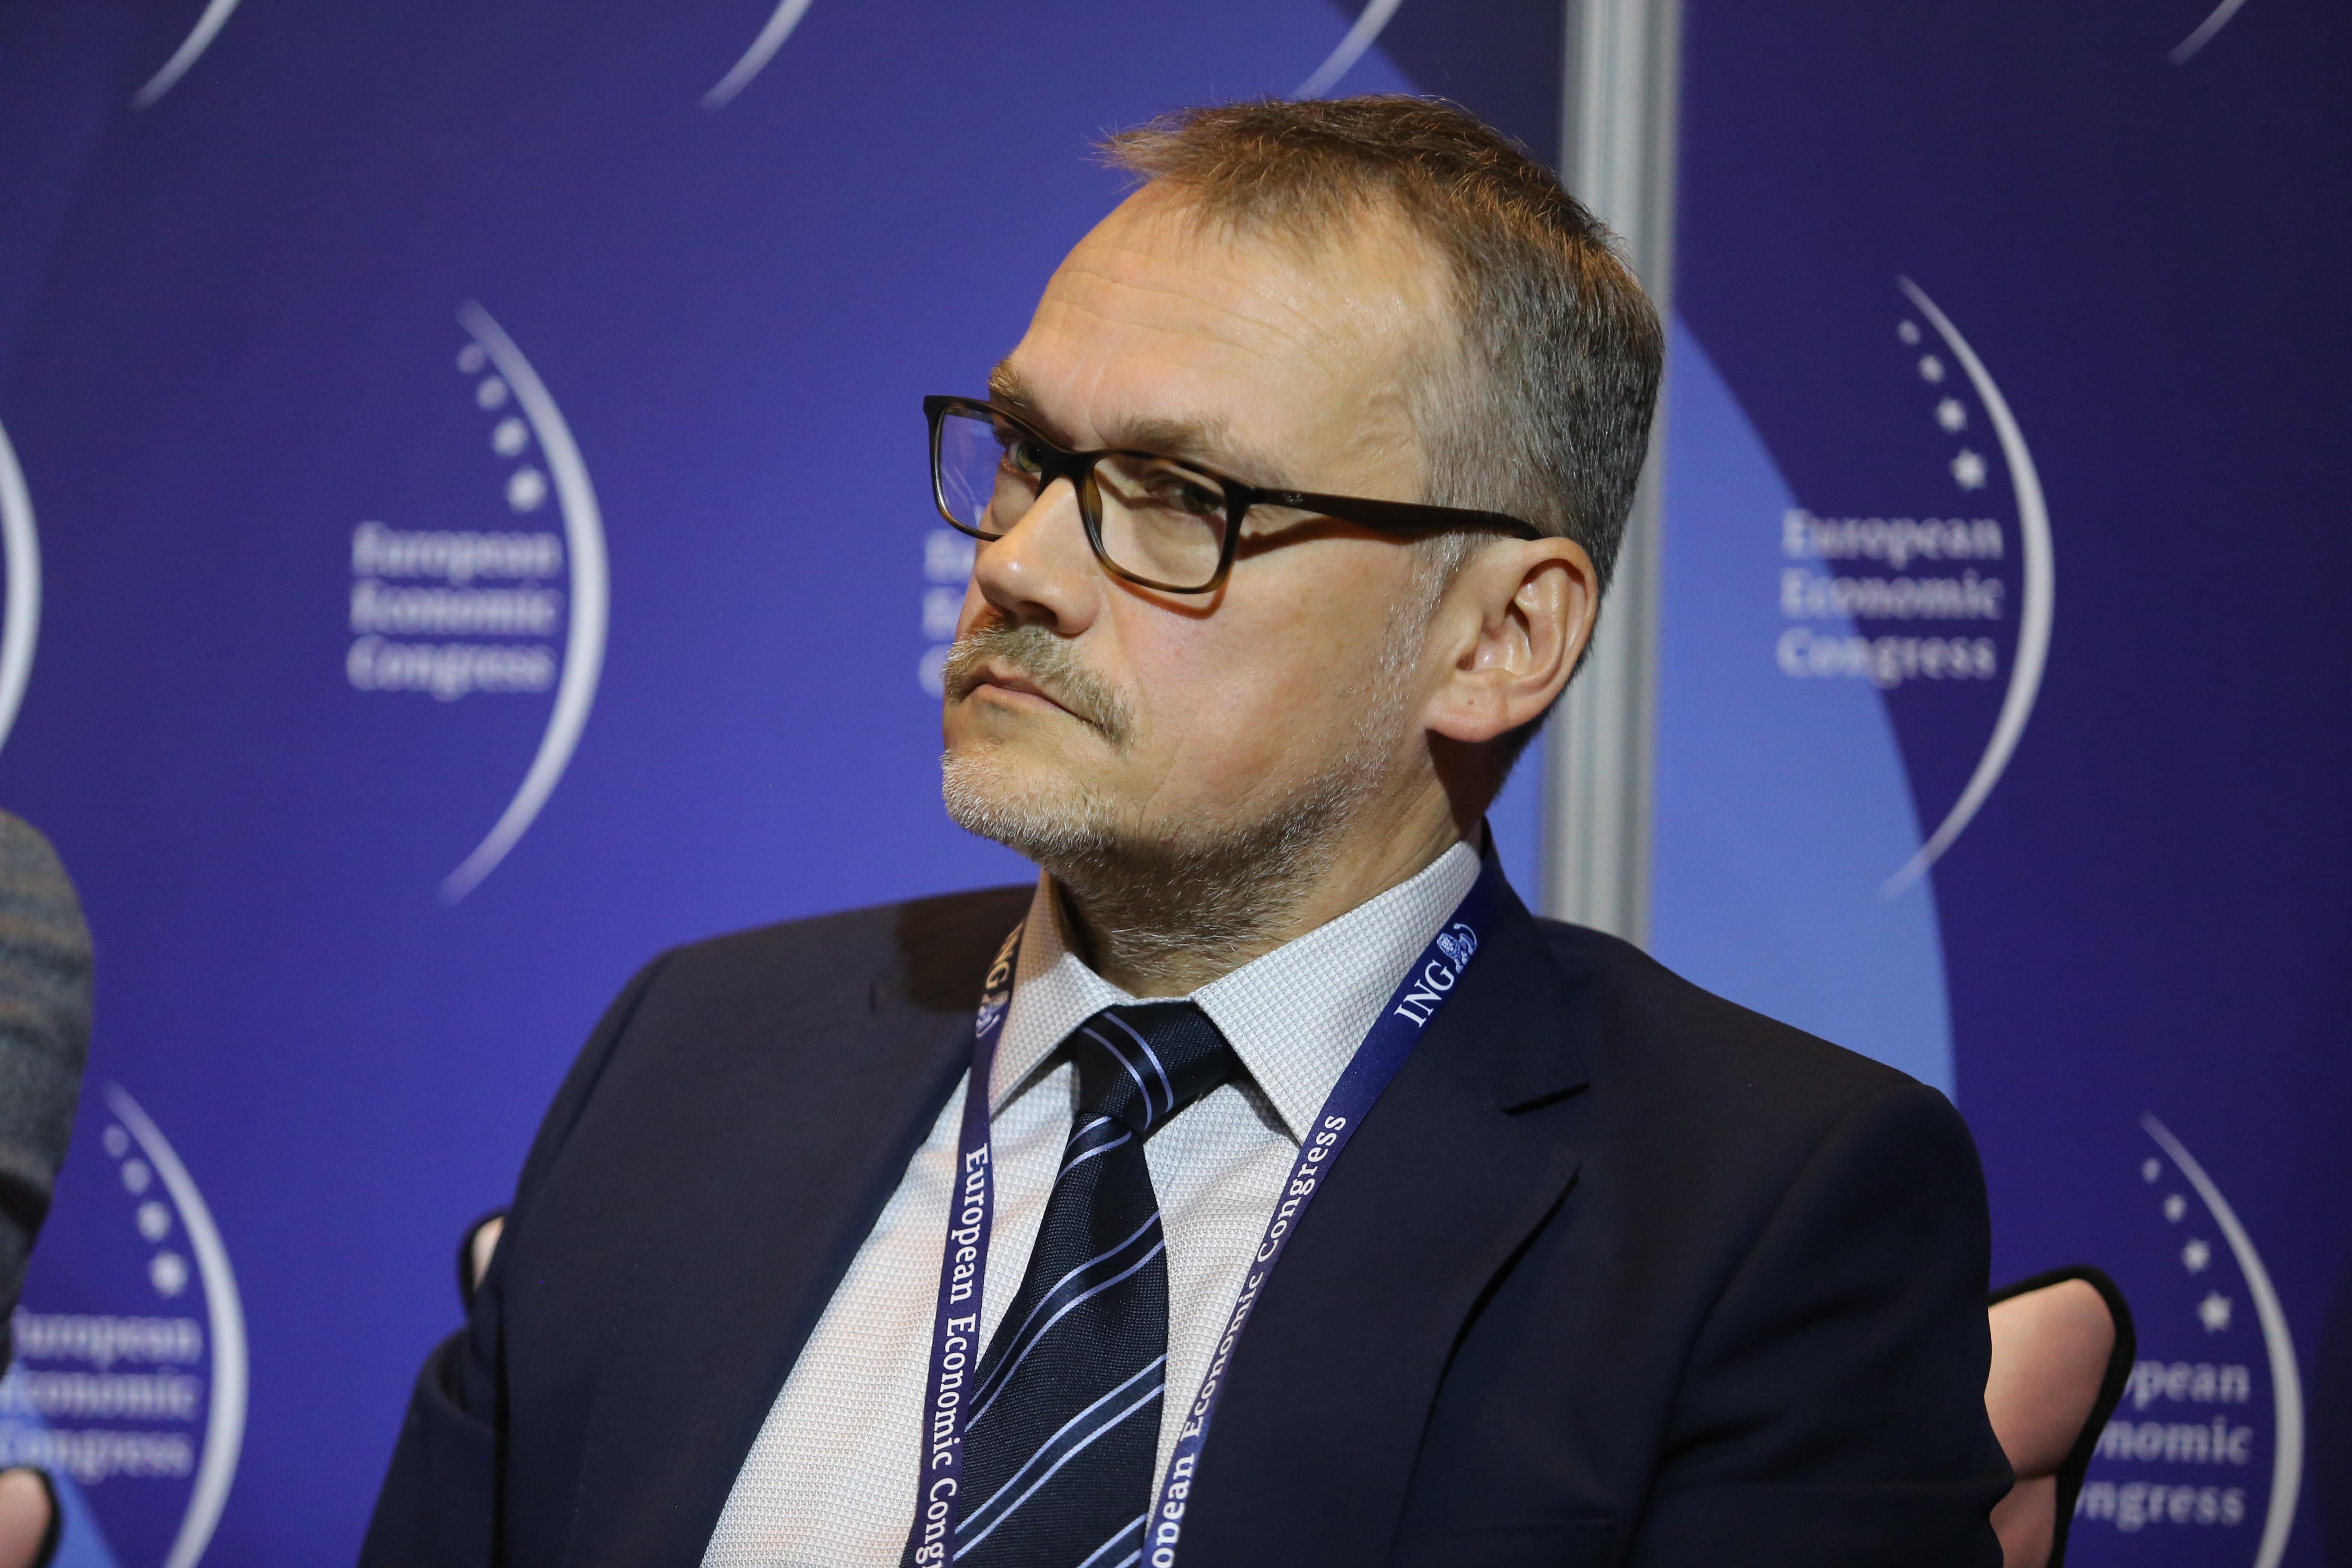 Michał Kaźmierski, dyrektor generalny na Polskę oraz Kraje Bałtyckie w Gilead Sciences Poland (Fot. PTWP)